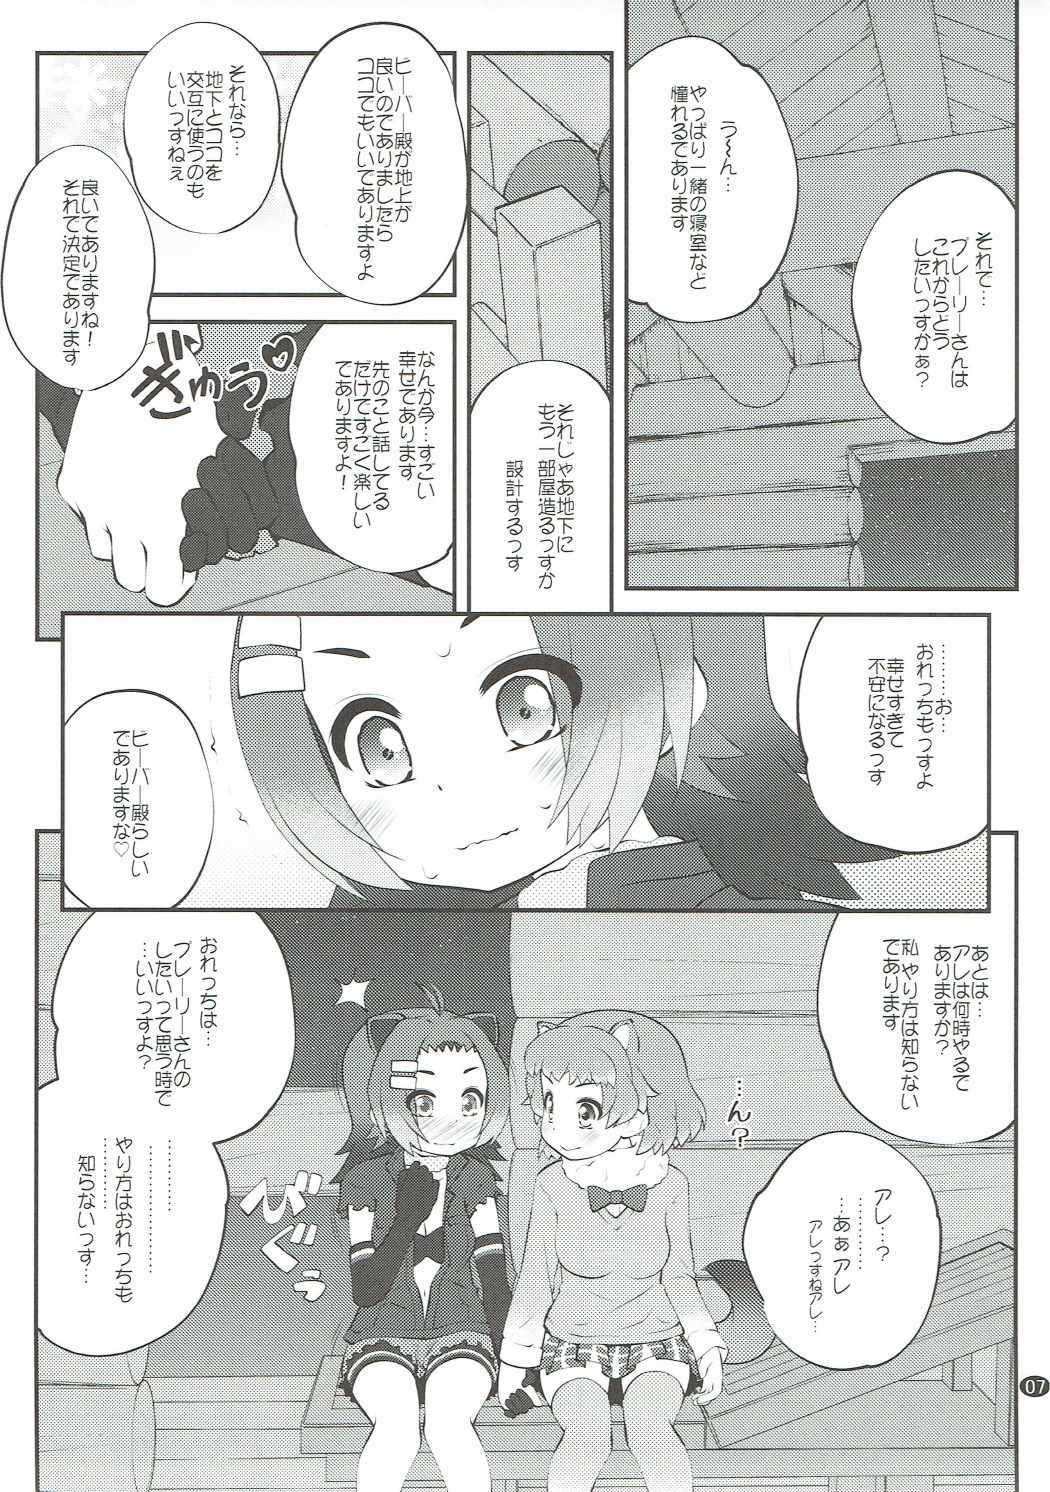 Kazoku Keikaku 2 5